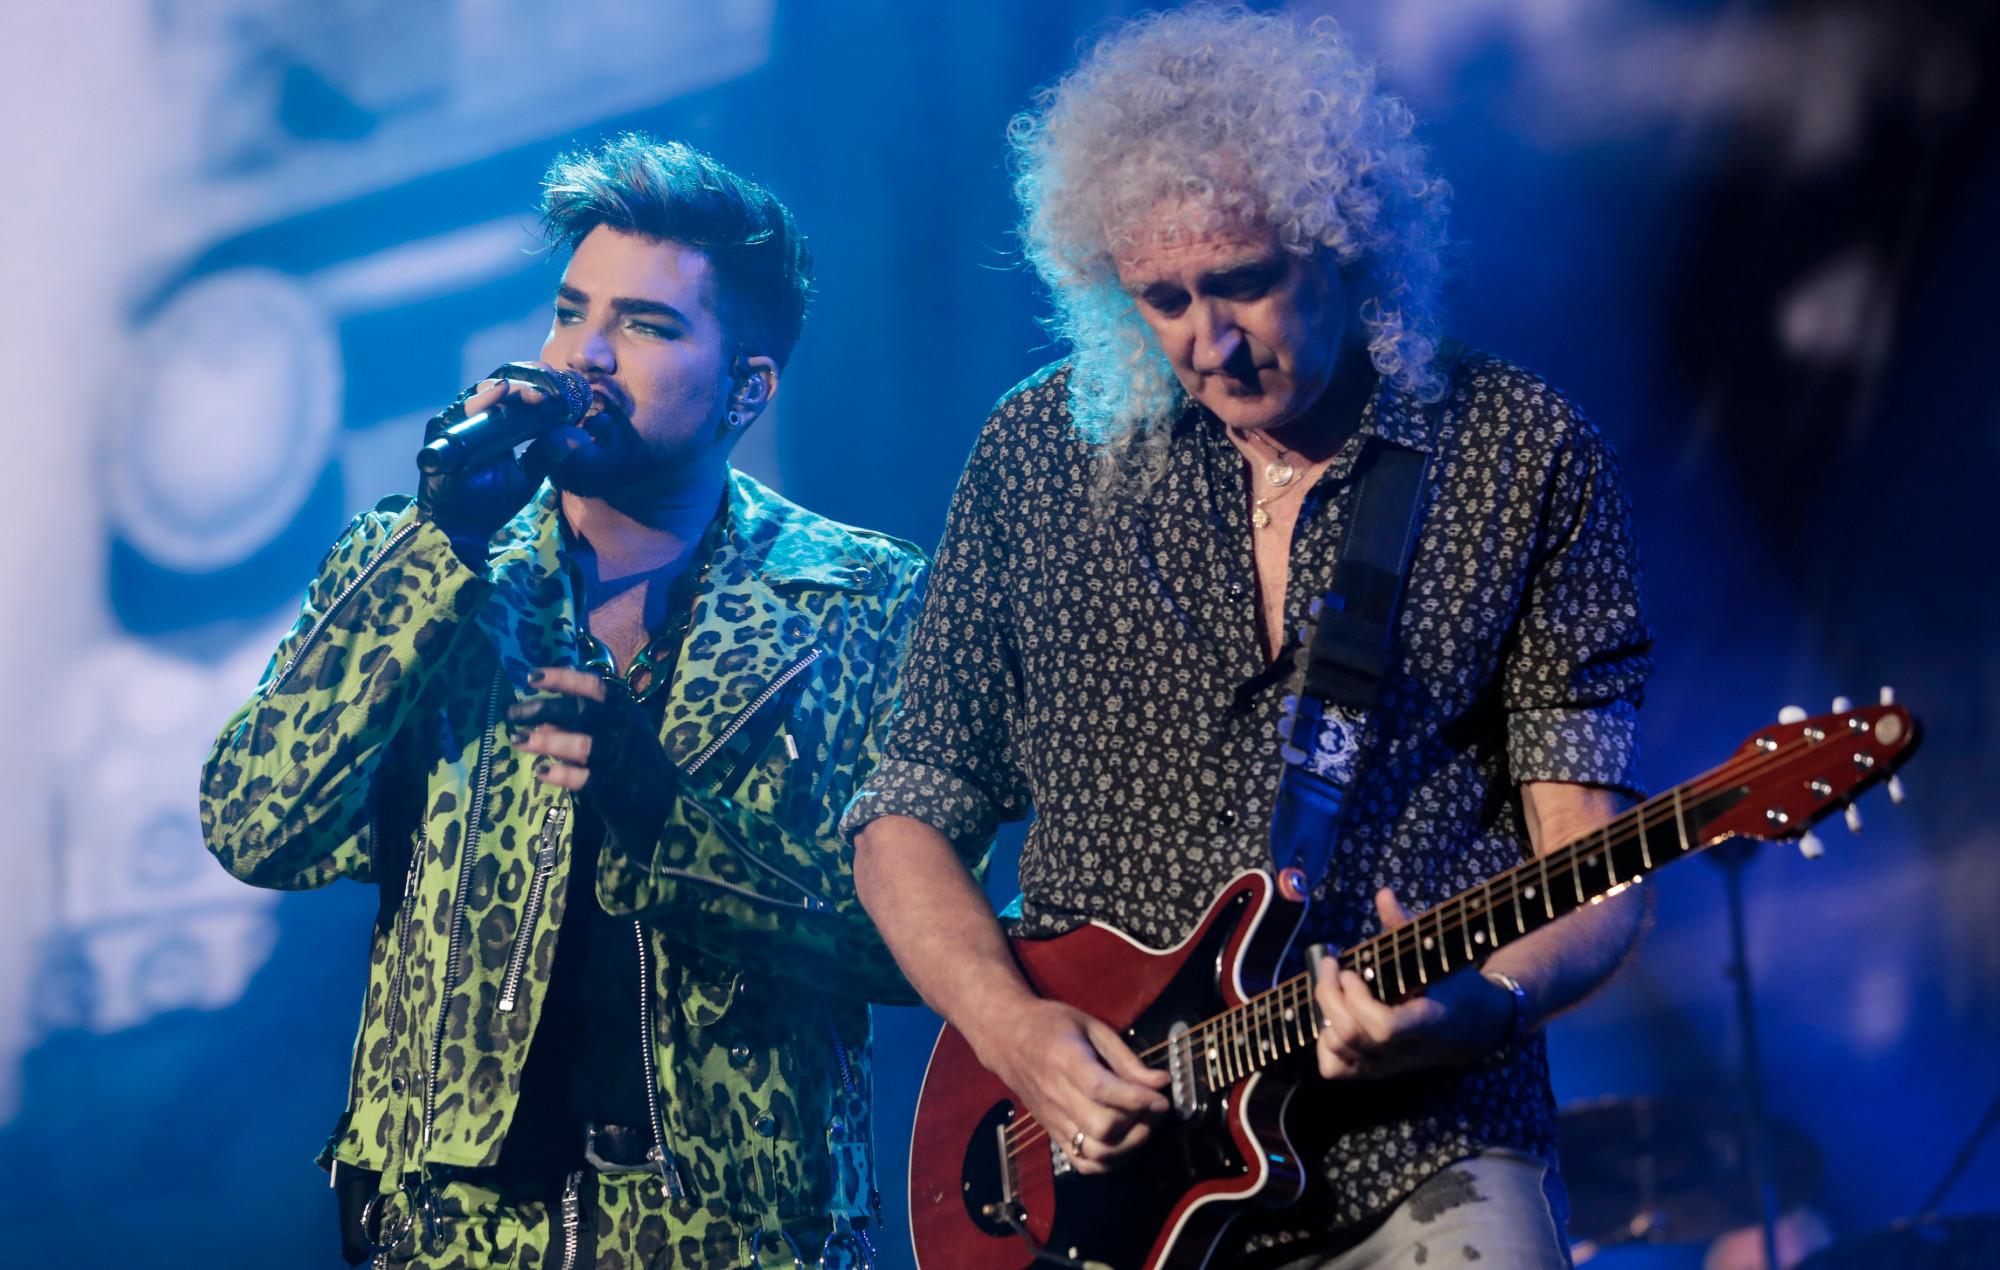 queen adam lambert - Queen & Adam Lambert - You Are The Champions